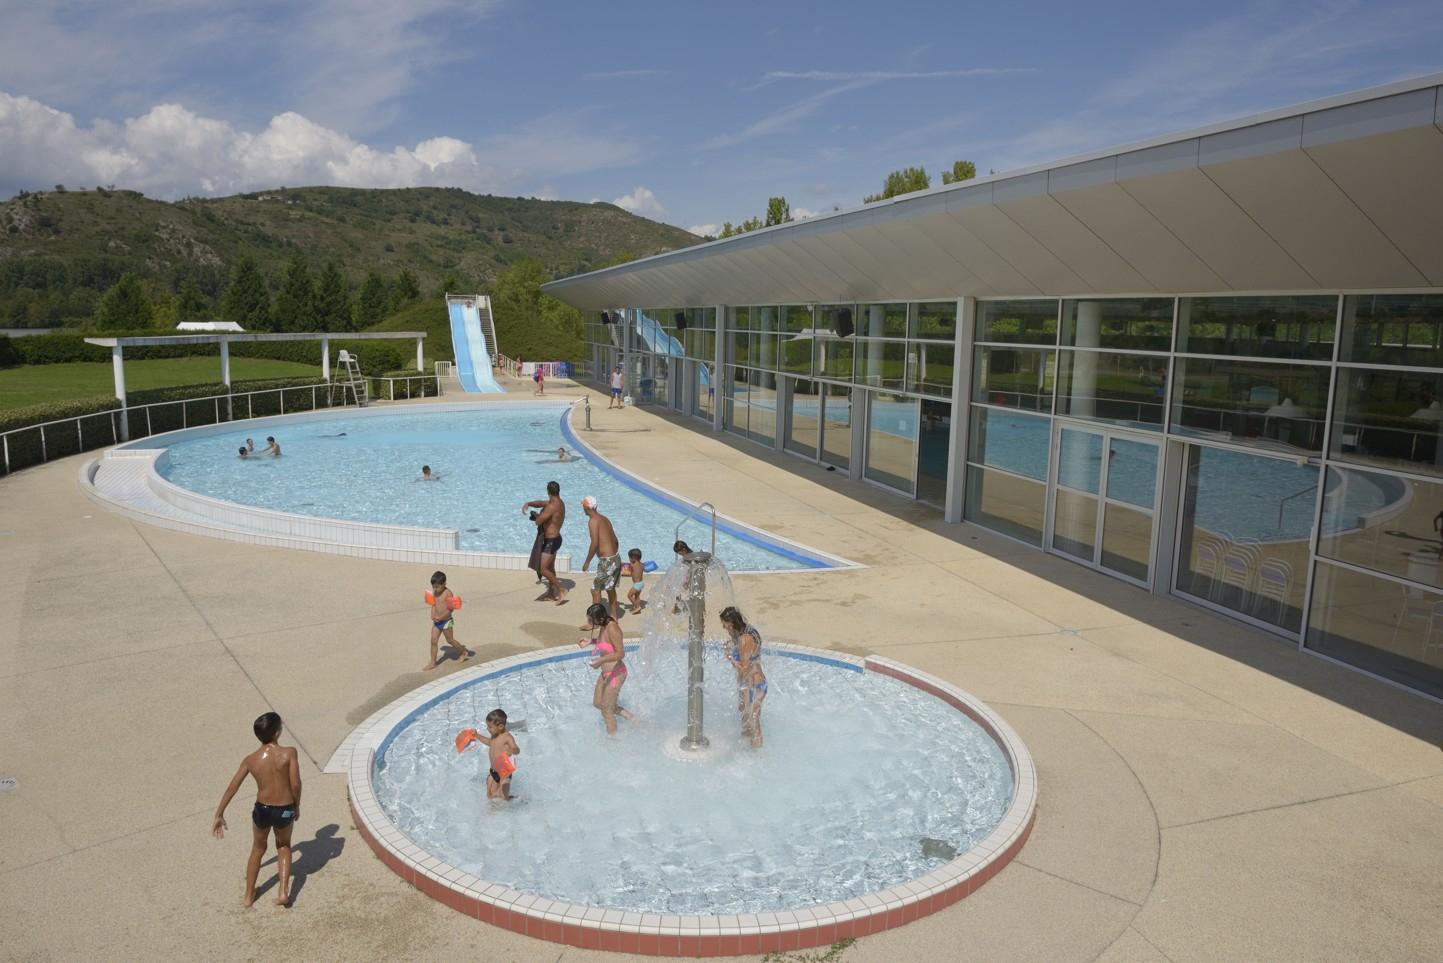 Centre Aquatique Bleu Rive pour Piscine St Vulbas